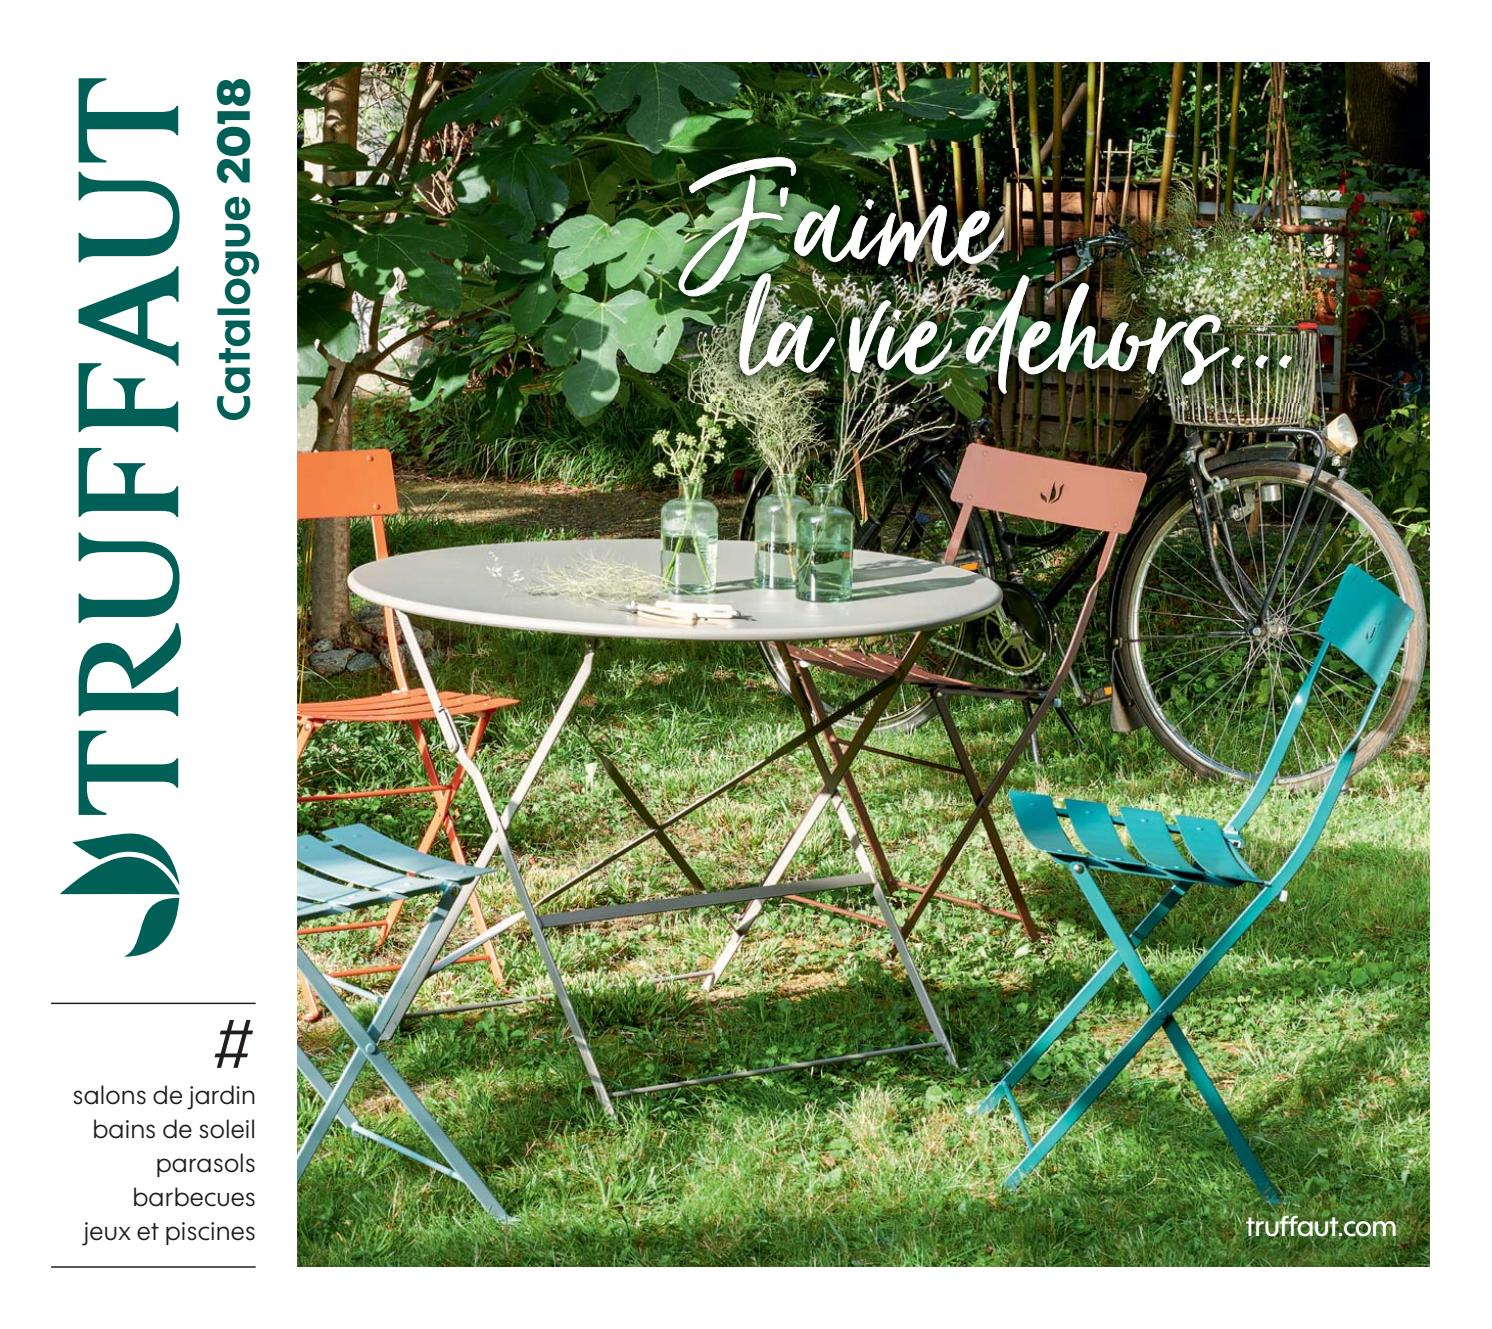 Catalogue Mobilier De Jardin Et Barbecue : Été 2018 ... dedans Table De Jardin Truffaut